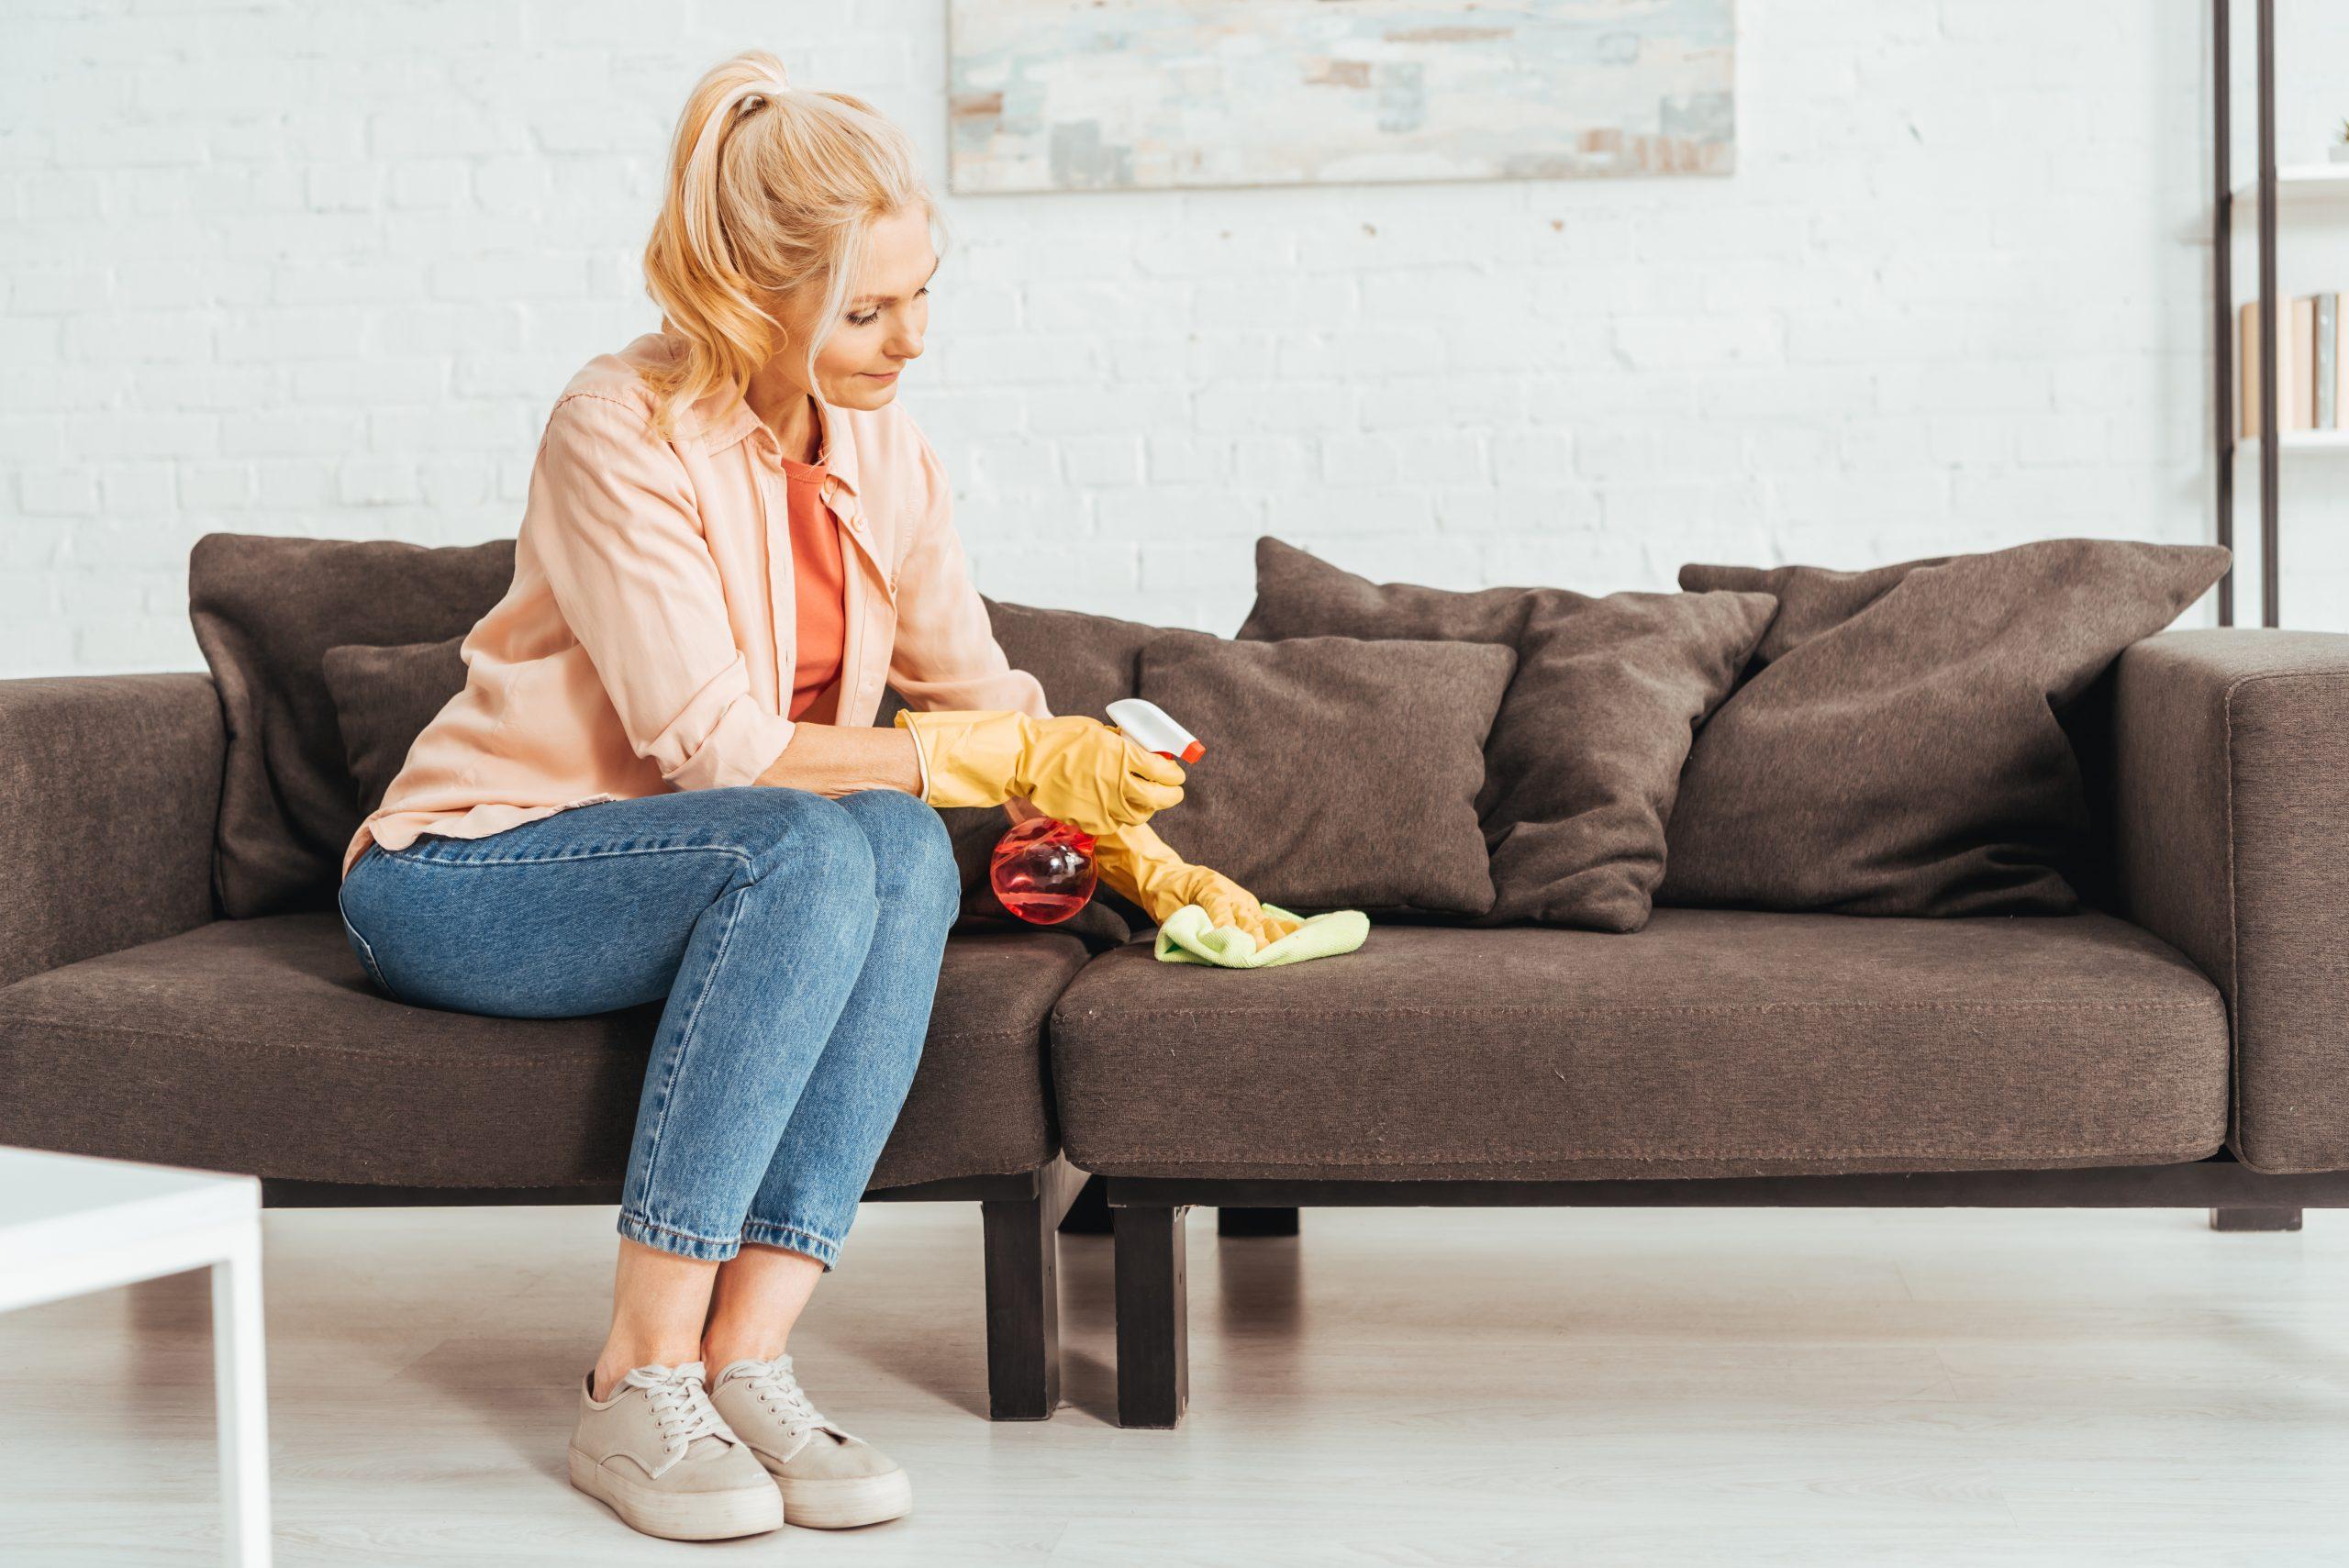 Full Size of Sofa Reinigen Polsterreinigung Ratgeber Fachartikel Polsterando 3er Grau Sitzsack Riess Ambiente Koinor Stilecht Relaxfunktion Polster Ikea Mit Schlaffunktion Sofa Sofa Reinigen